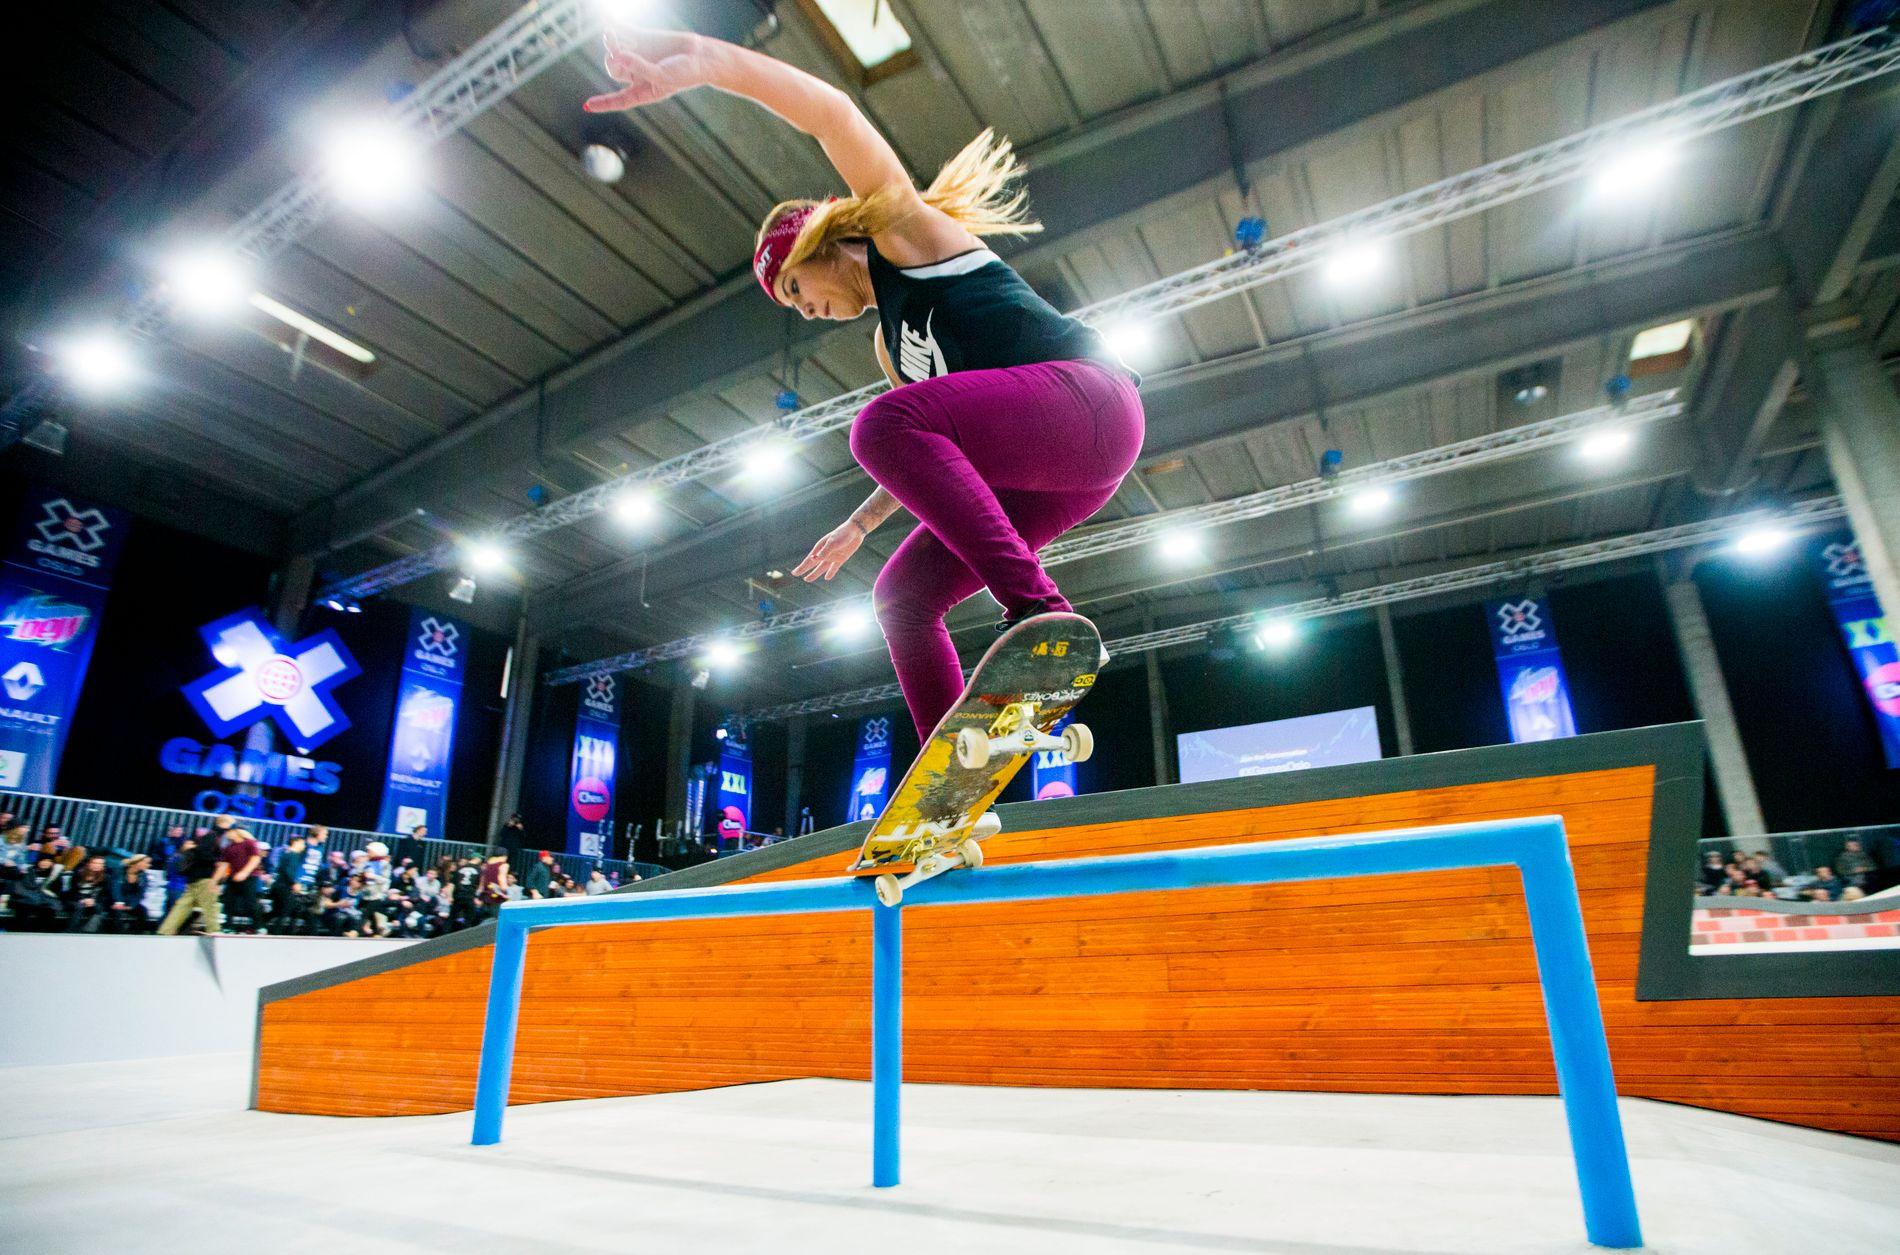 TYPISK EGENORGANISERT IDRETT: Skateboarderen Leticia Bufoni fra Brasil, her under X Games i Oslo for et år siden, tilhører en idrett som typisk har vært egenorganisert. I 2020 vil skateboard være på OL-programmet.